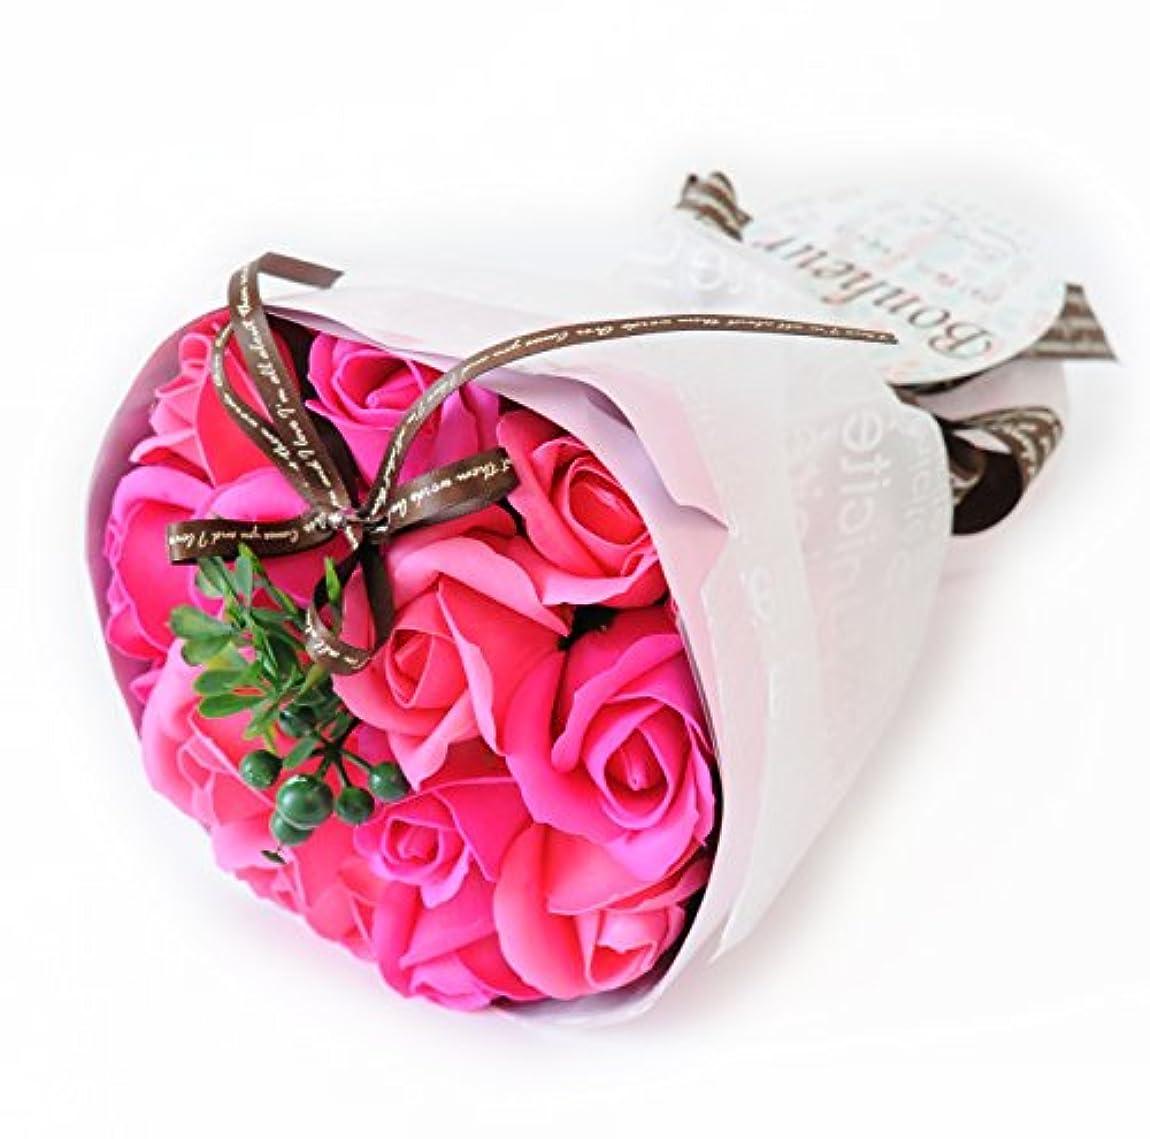 小道具継続中空白フラワーマーケット花由 ソープフラワー アロマローズブーケ ビューティー シャボンフラワー フラワーソープ